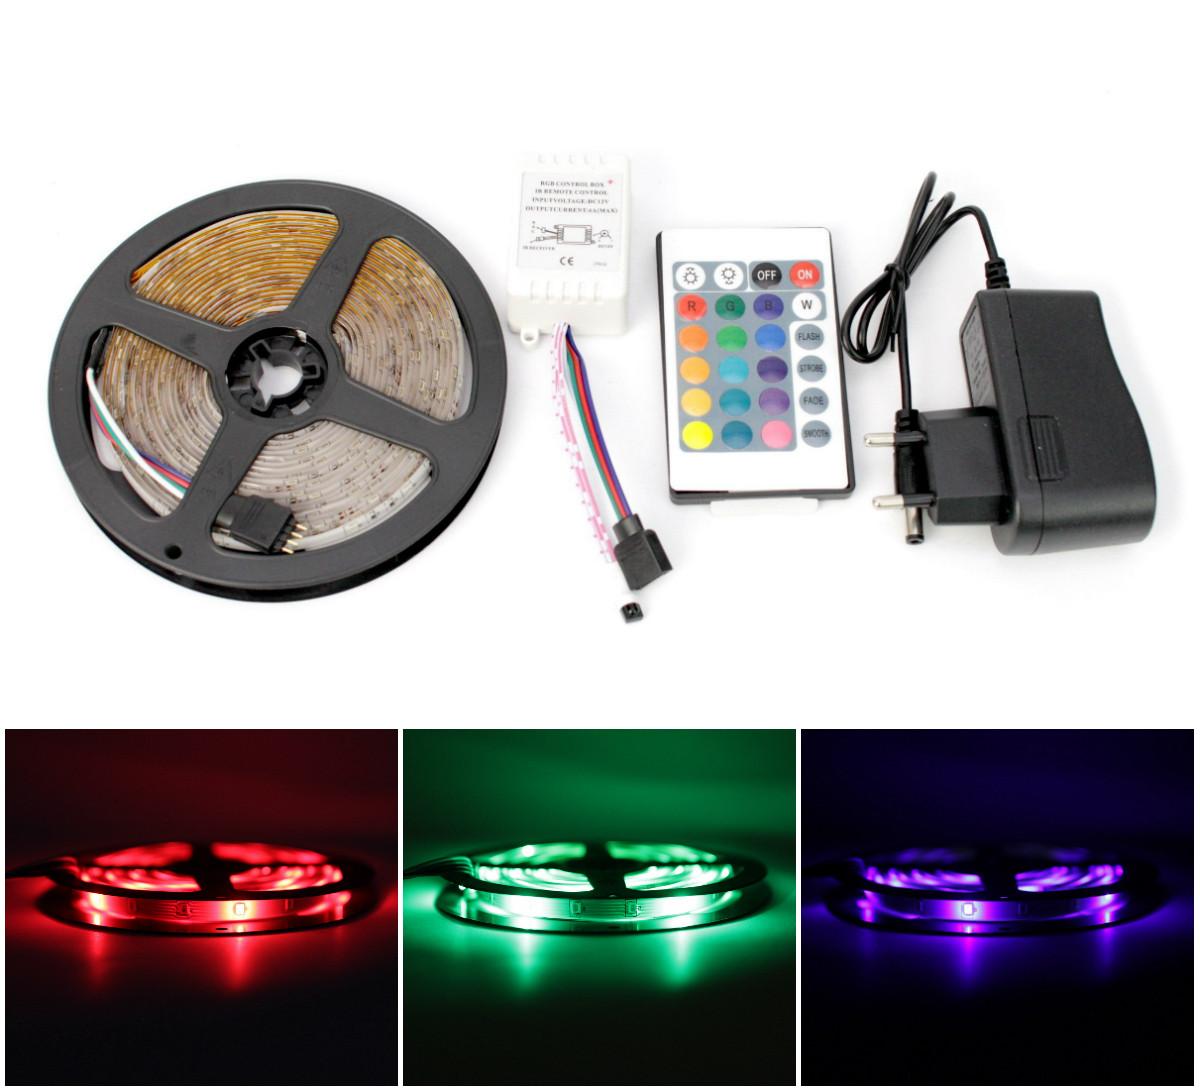 ✅RGB светодиодная лента влагозащищенная комплект (набор) с пультом управления RGB LED strip 2835 SMD 4,2м